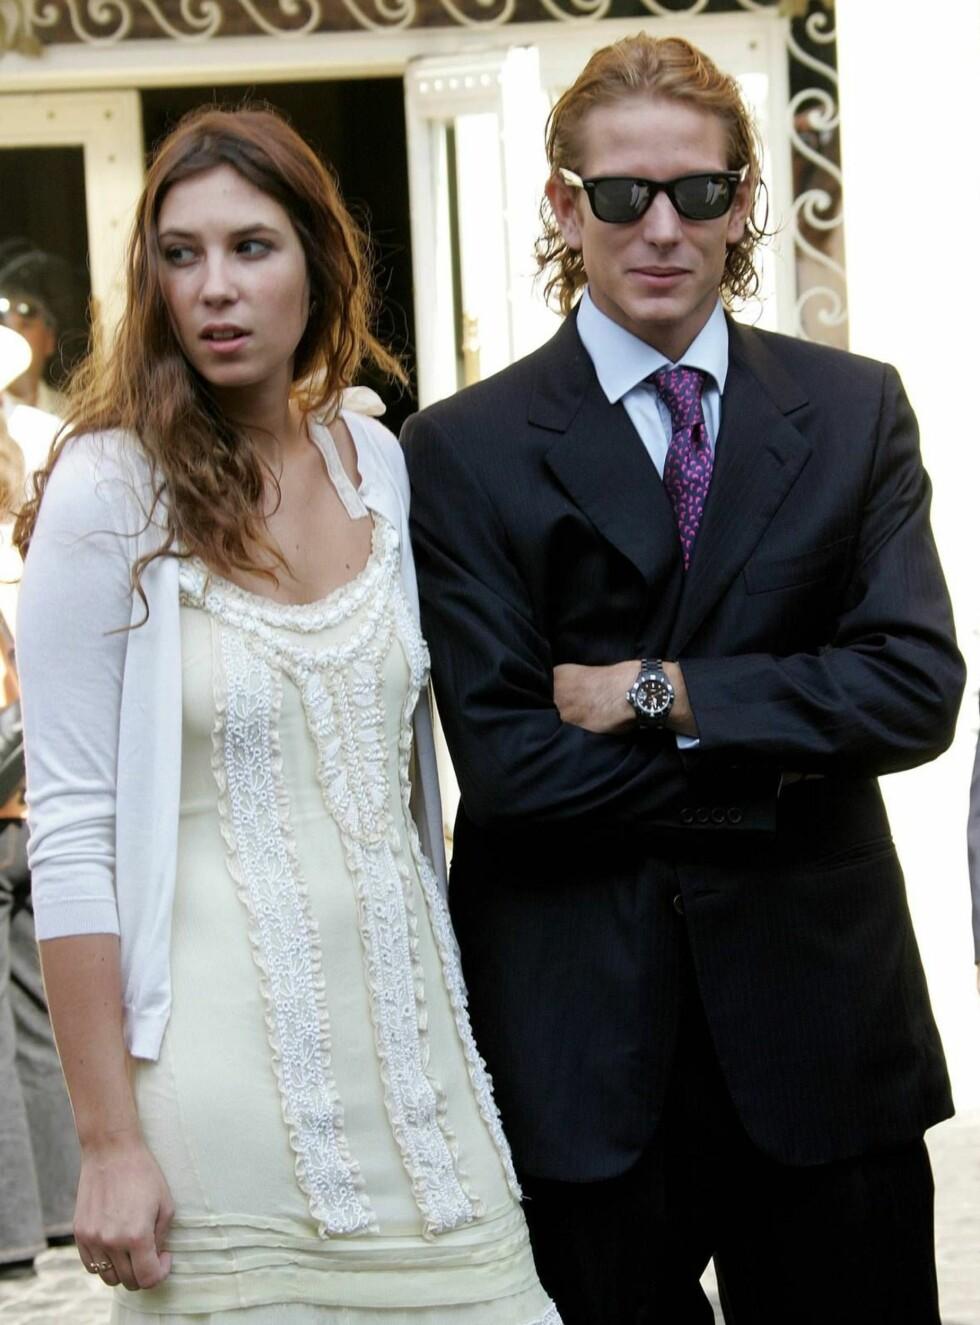 PENT PAR: Andrea Casiraghi viste frem sin flotte kjæreste Tatiana. Foto: Stella Pictures